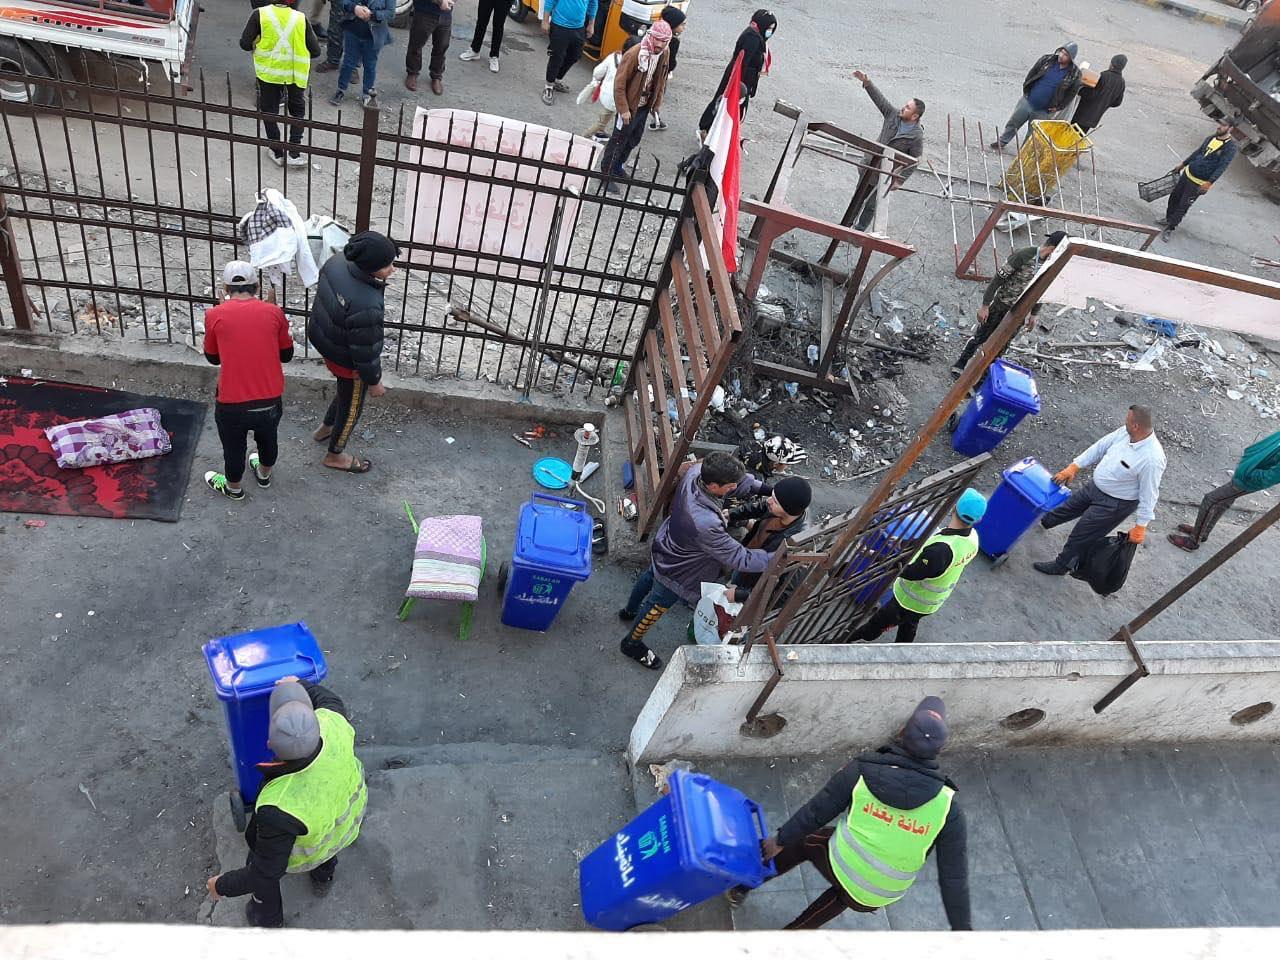 حملة تنظيف في ساحة التحرير.. وفرق حكومية تدخل المطعم التركي (صور)